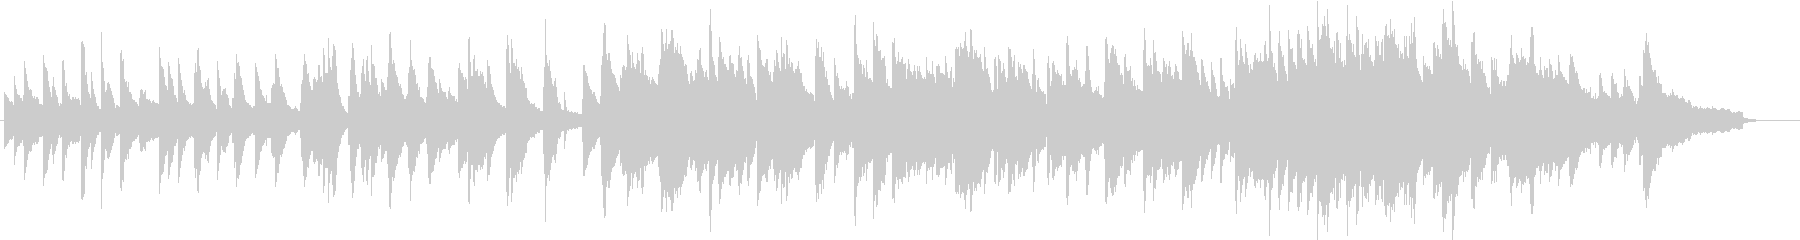 爽やかなイメージのピアノ曲の未再生の波形